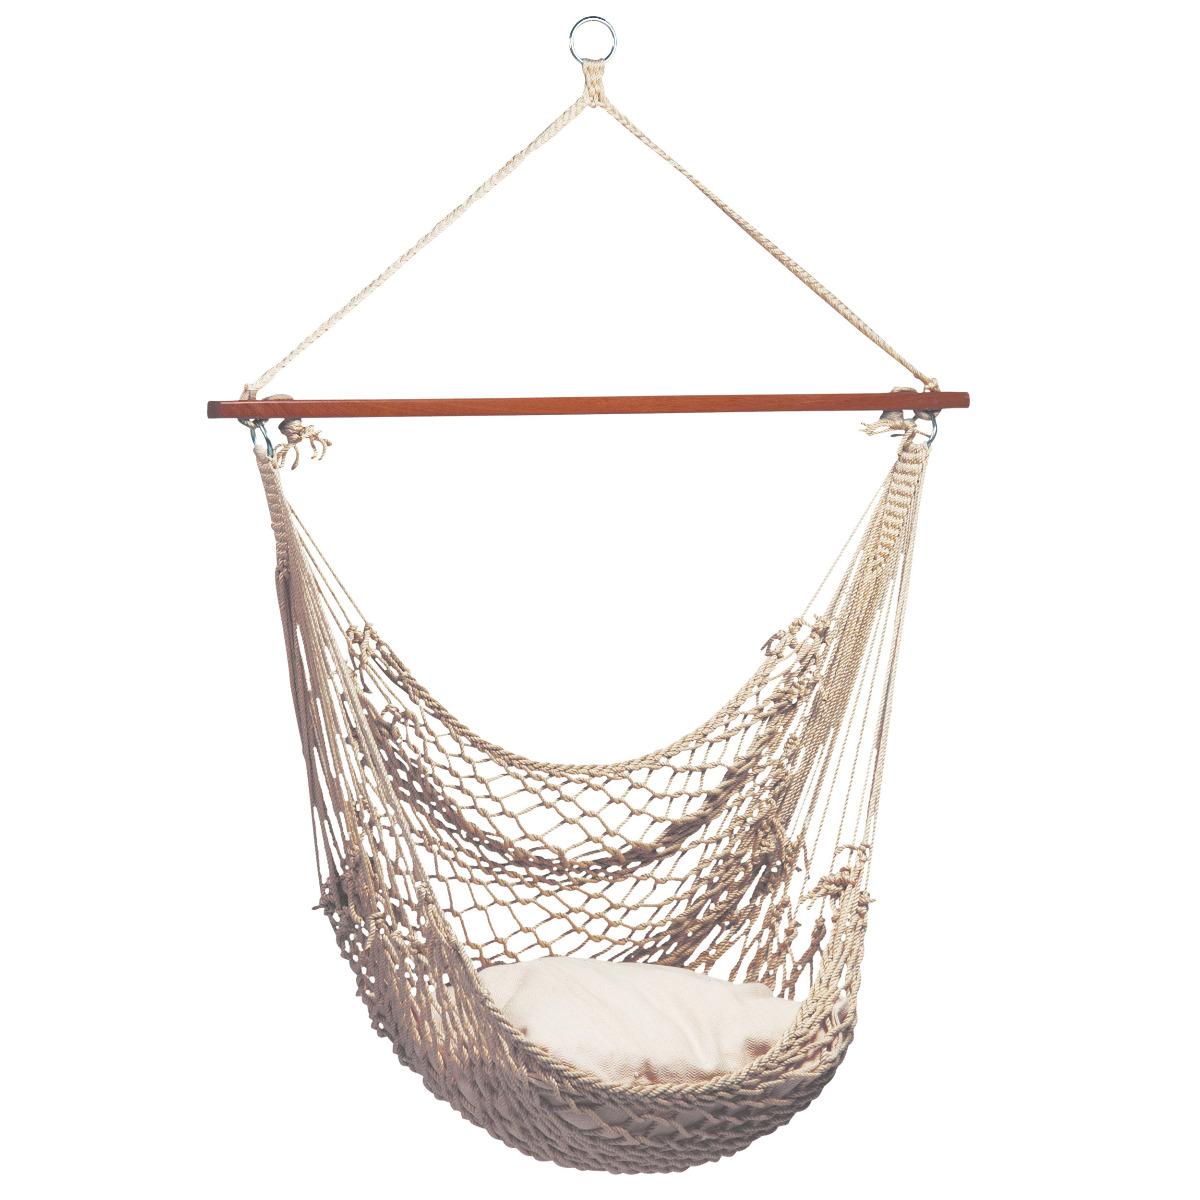 Hangstoel 'Rope' Natura - Tropilex ®